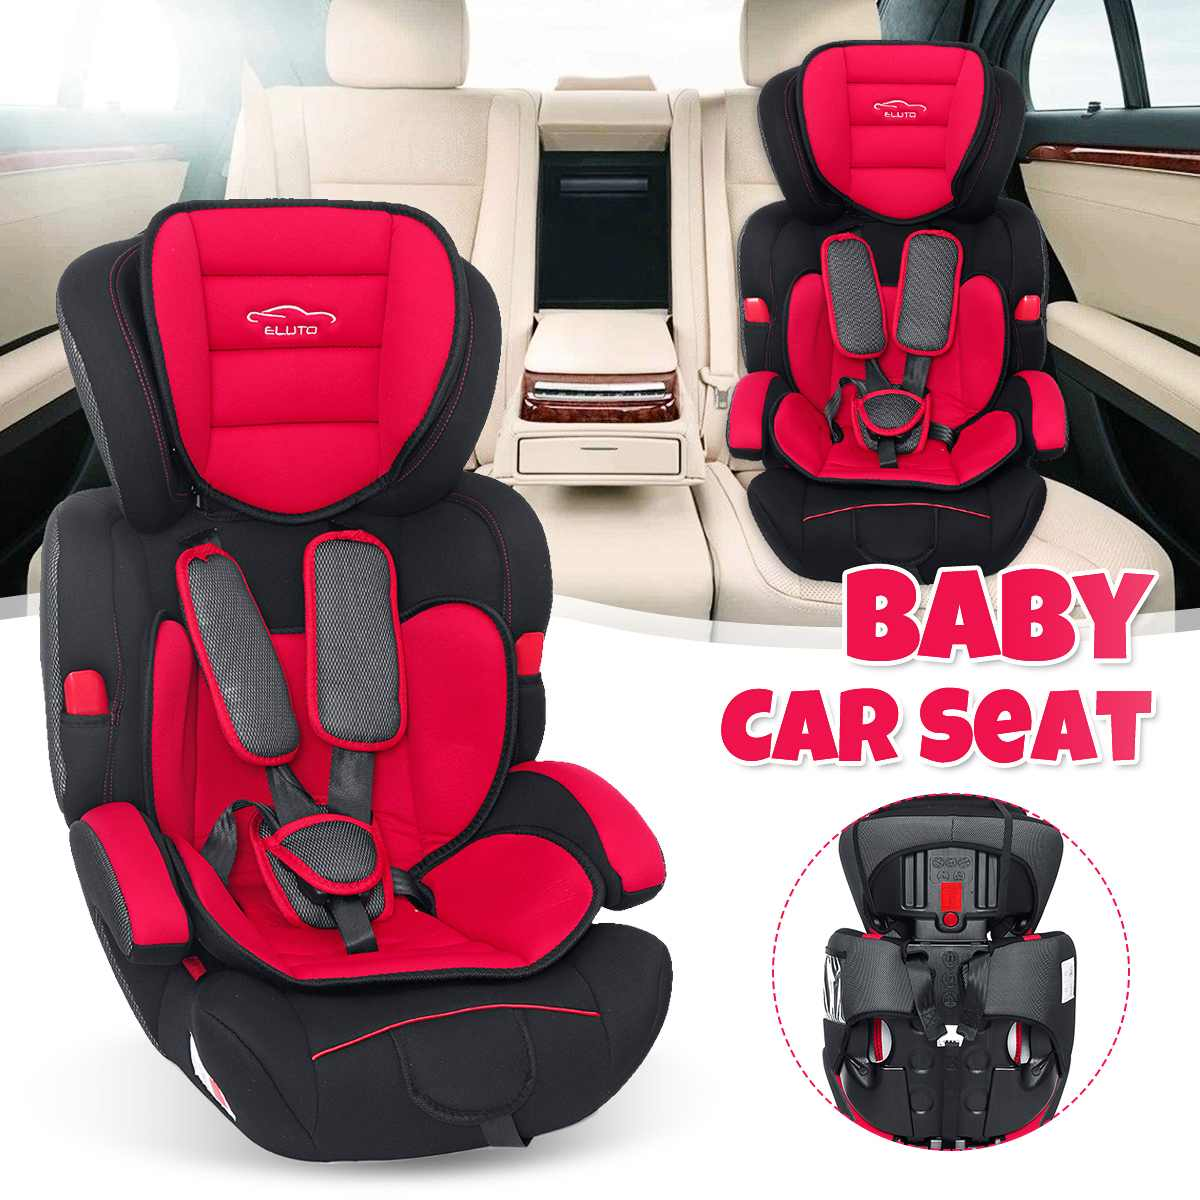 3 couleurs réglable bébé siège de sécurité pour fauteuil 9-36 KG groupe 1/2/3 cinq points harnais bébé rehausseurs sièges 9months-12years